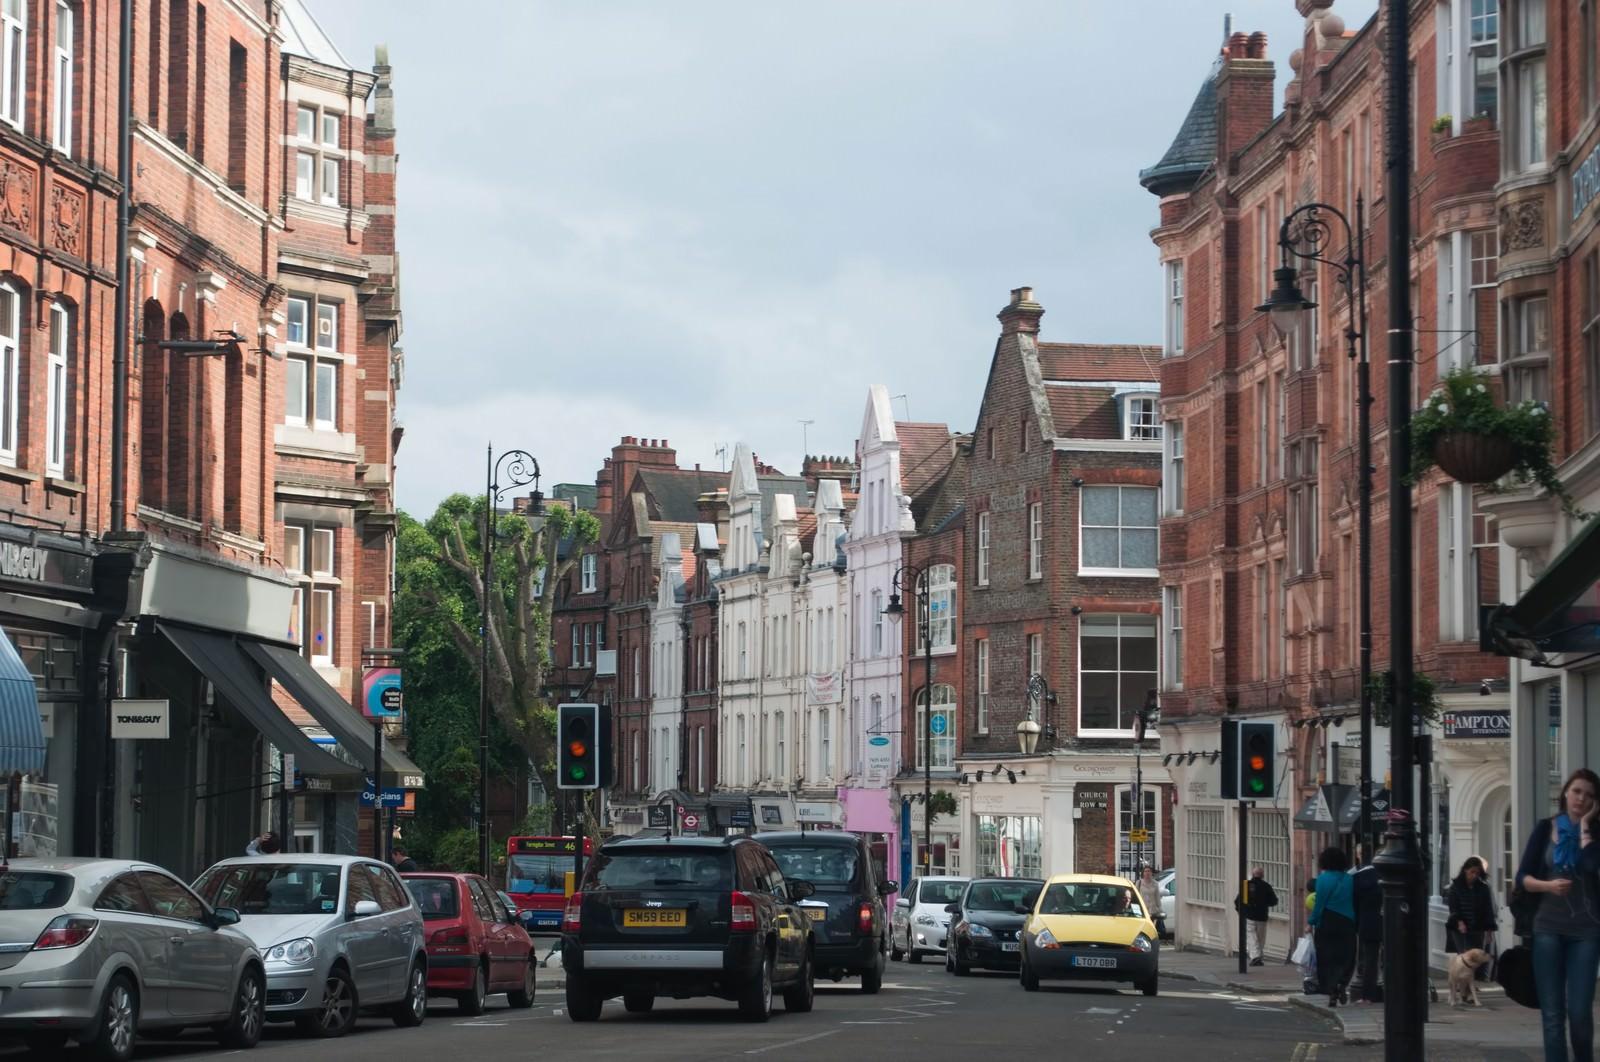 「ハムステッドの町並み(車や人)」の写真